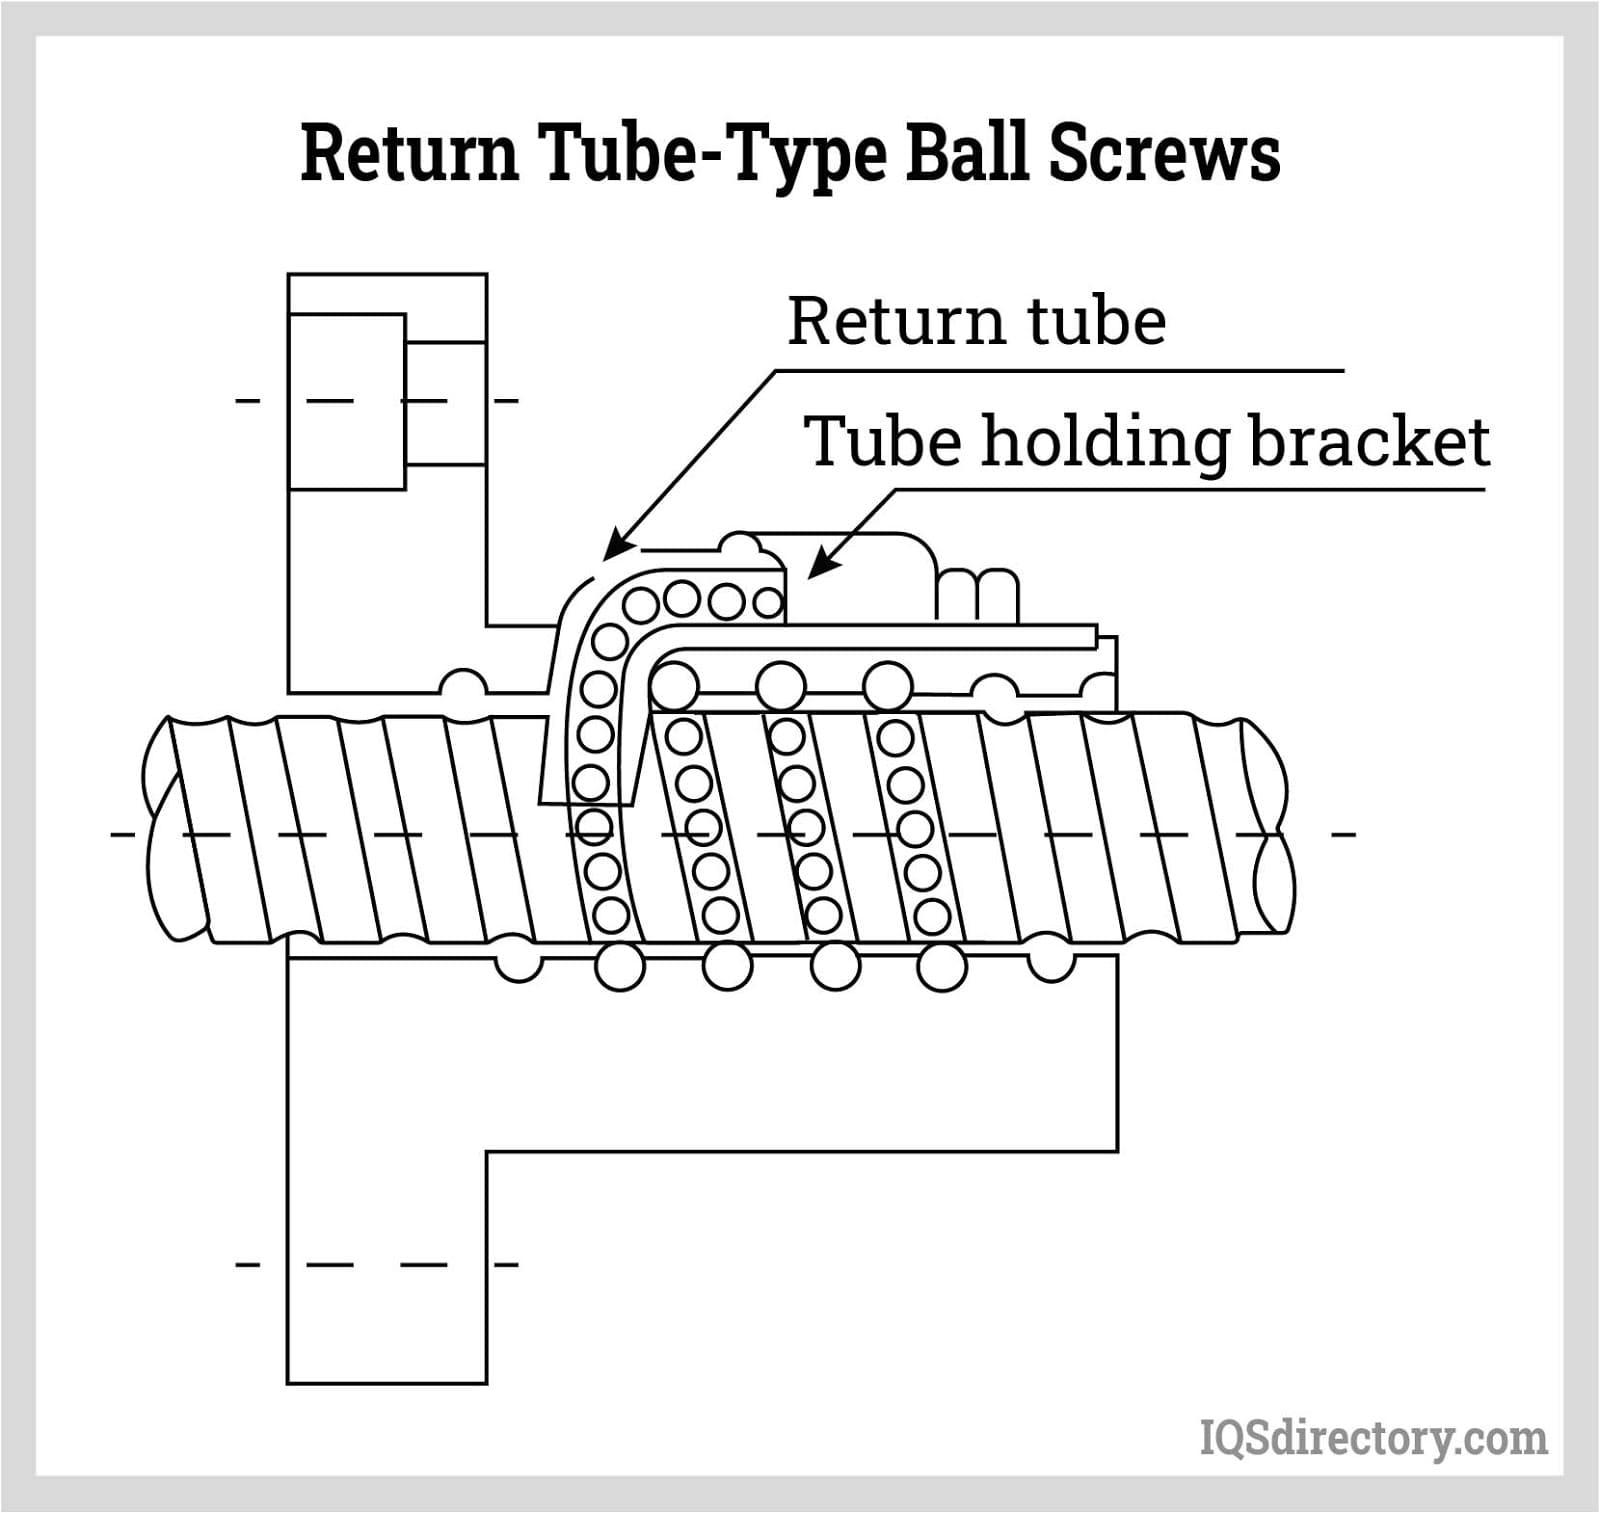 Return Tube-Type Ball Screws